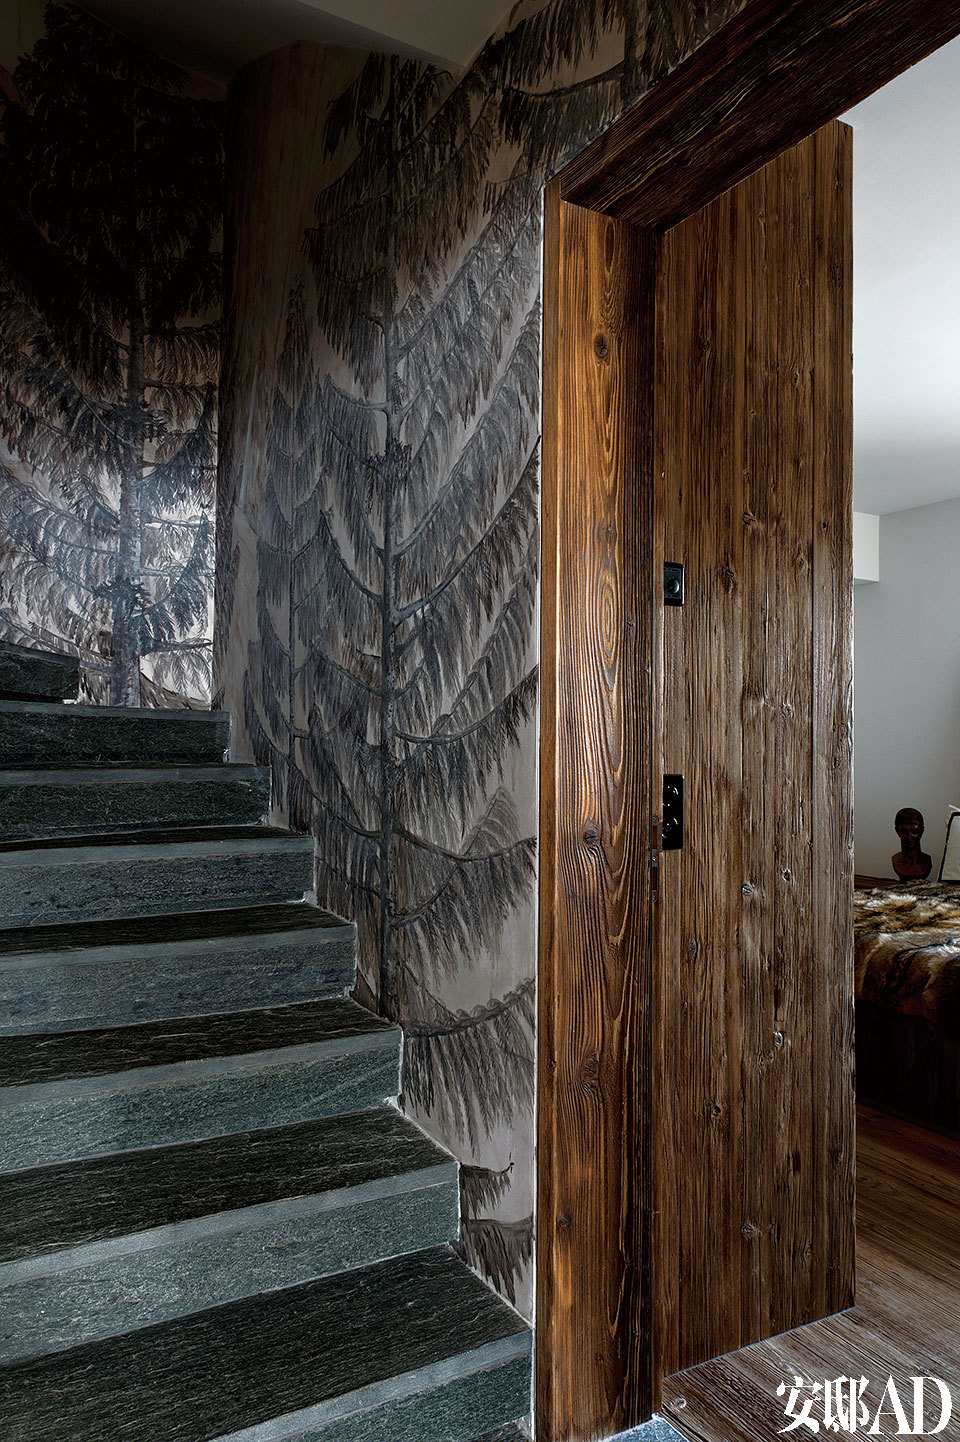 壁画家将冬日的丛林美景移植到室内,贡献了楼梯边上那整面墙上雪松的创作。对页 楼梯边上那整面墙的雪山和松树, 是Mathias Kiss的作品。